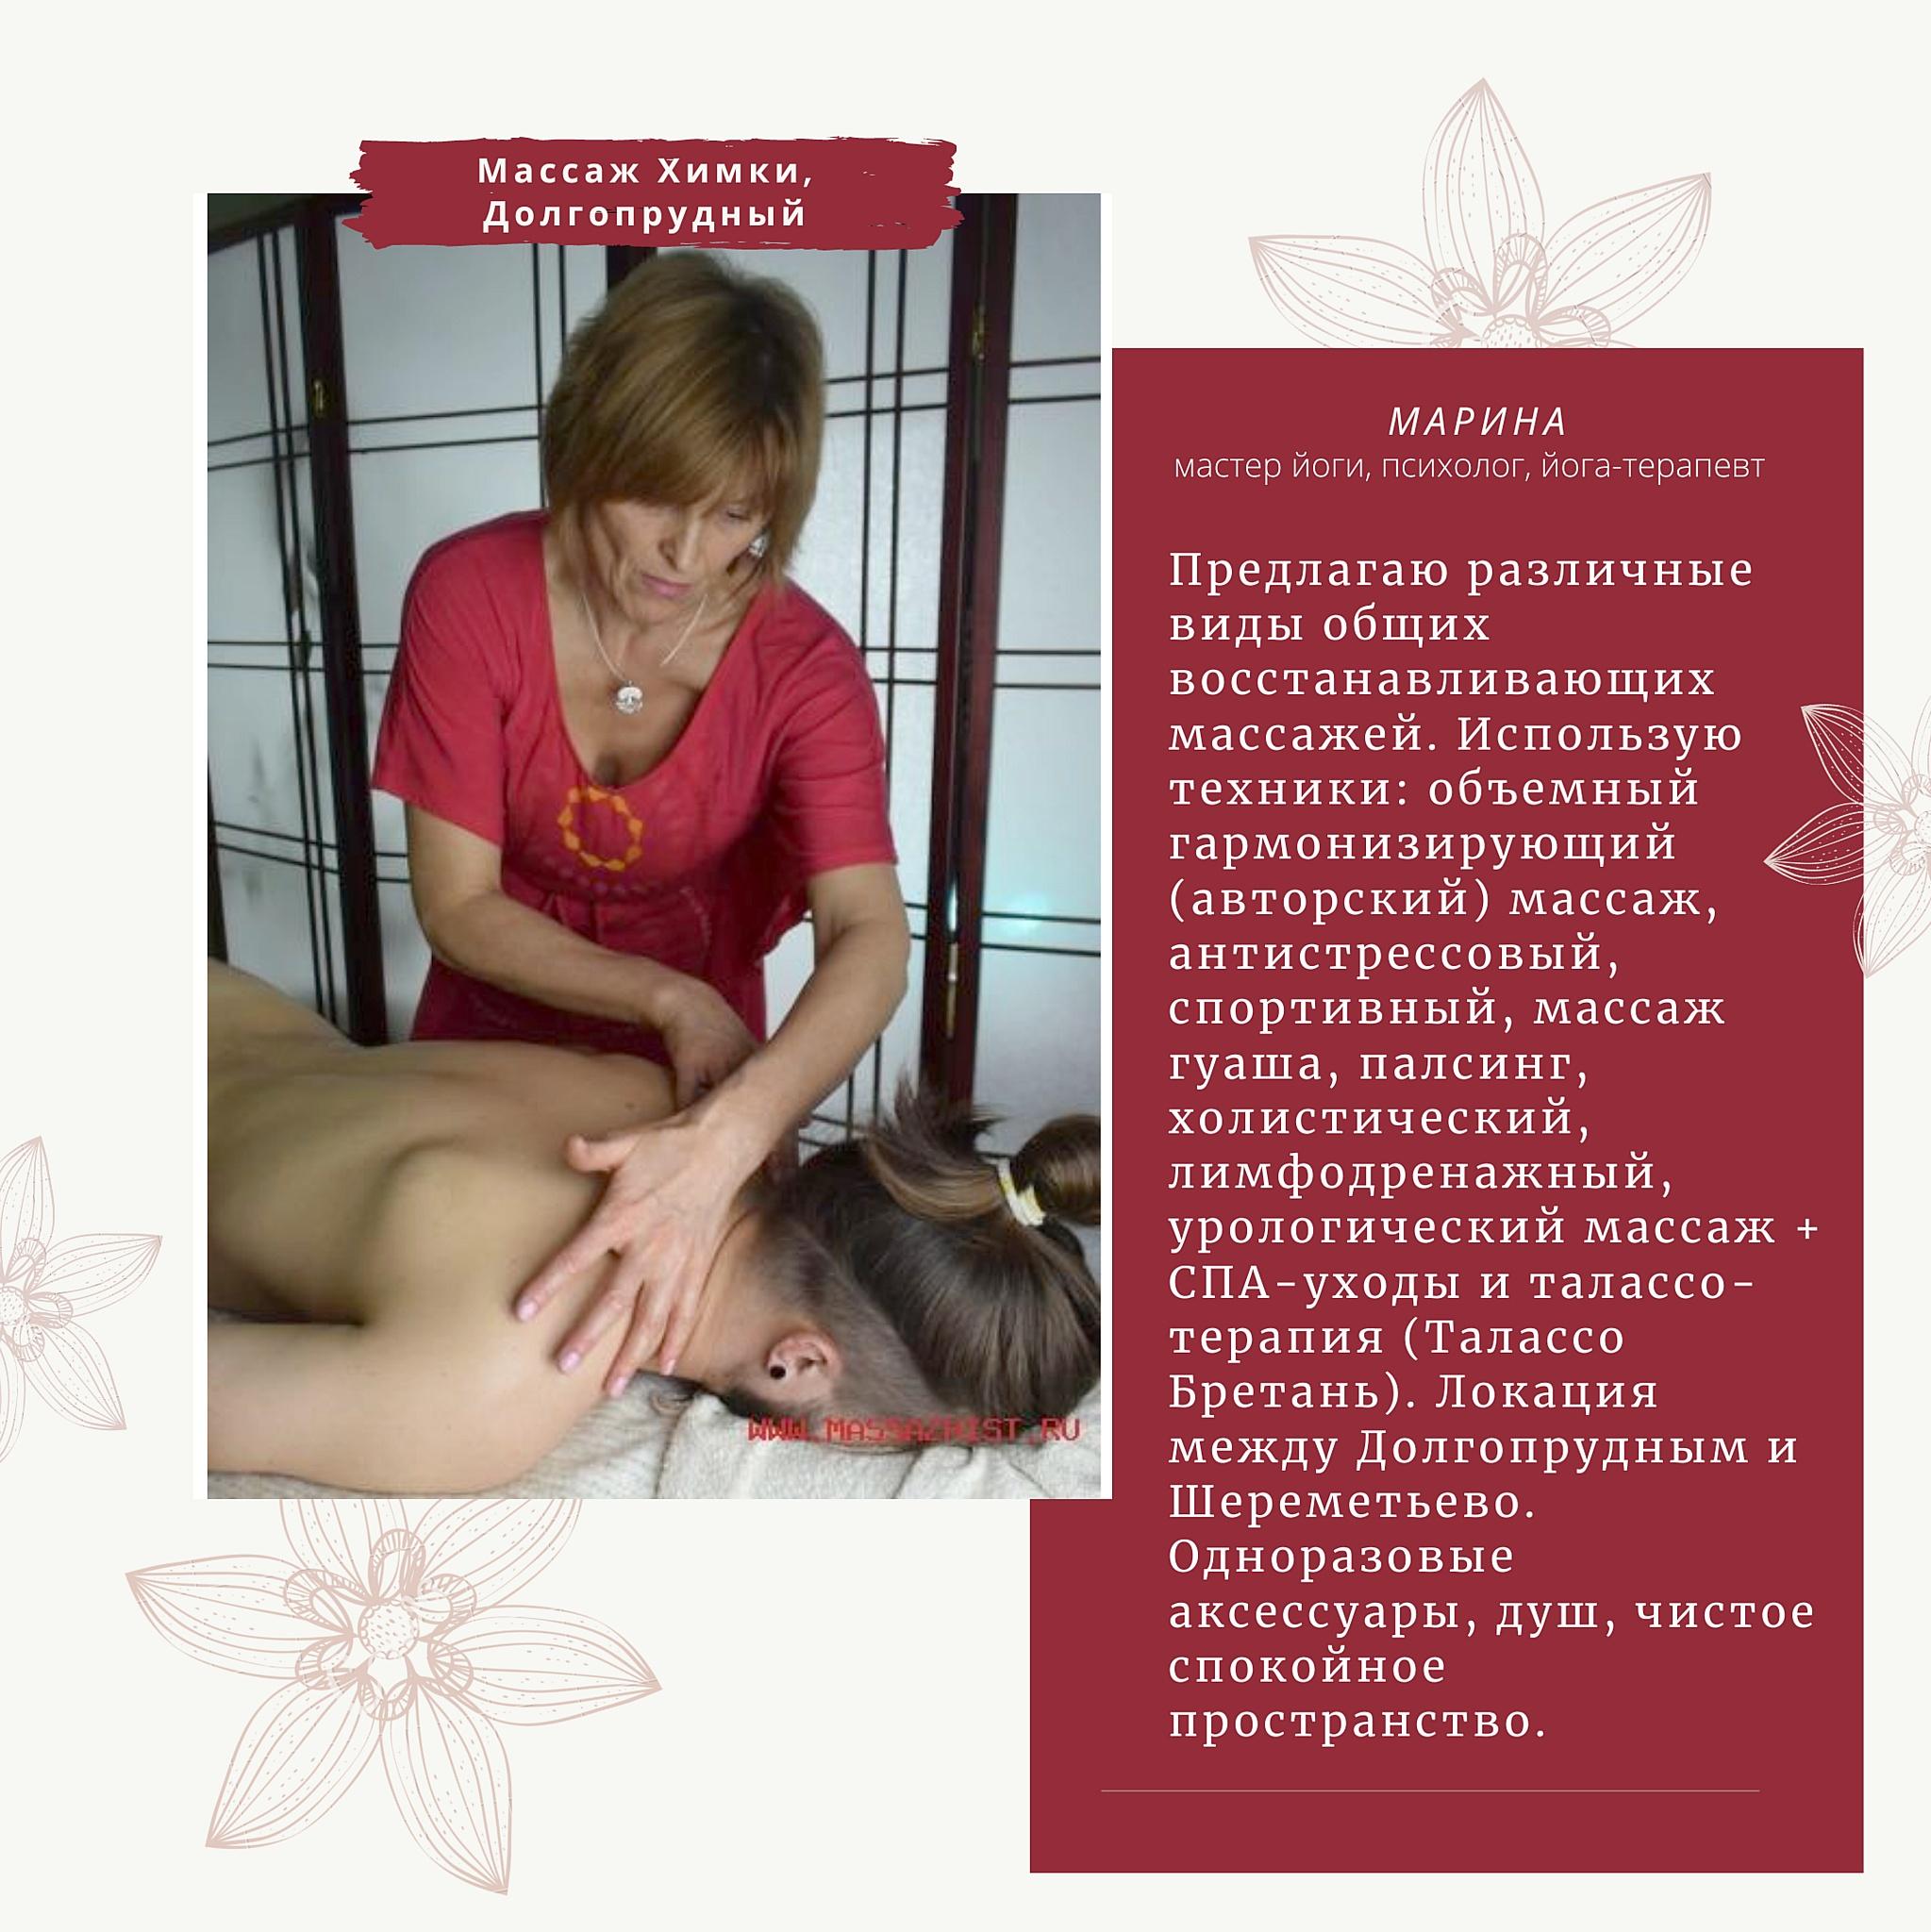 Лучшие массажисты медики на сайте Массажист.Ру - анкеты с ценами и контактами профессиональных массажистов